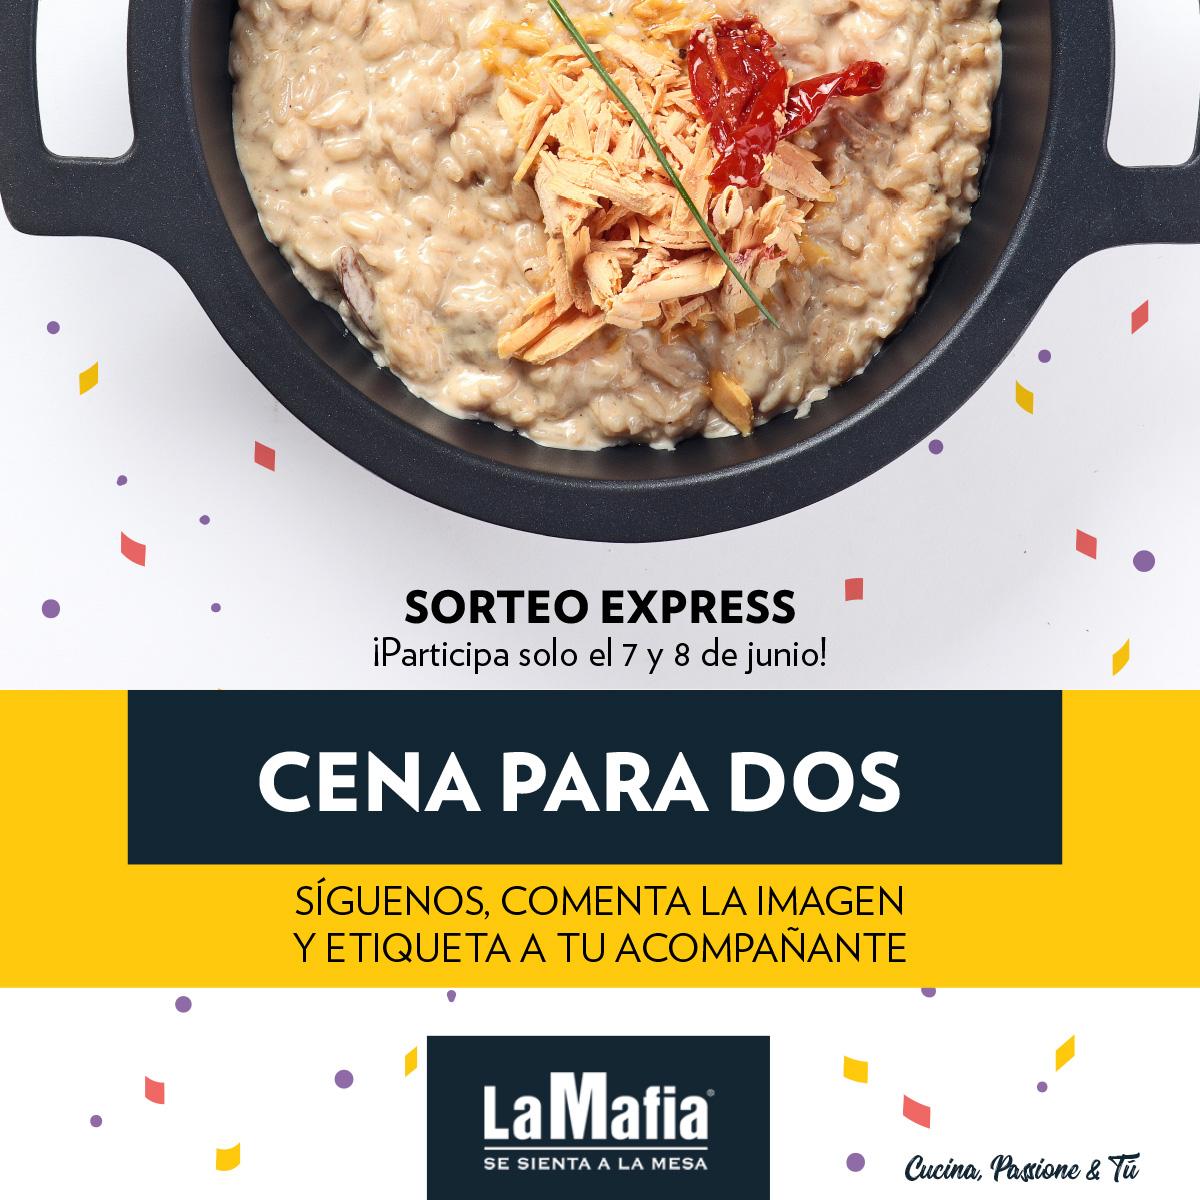 featuredSorteoMayo - Hola, mayo: ¡sorteamos tres cenas por la cara!